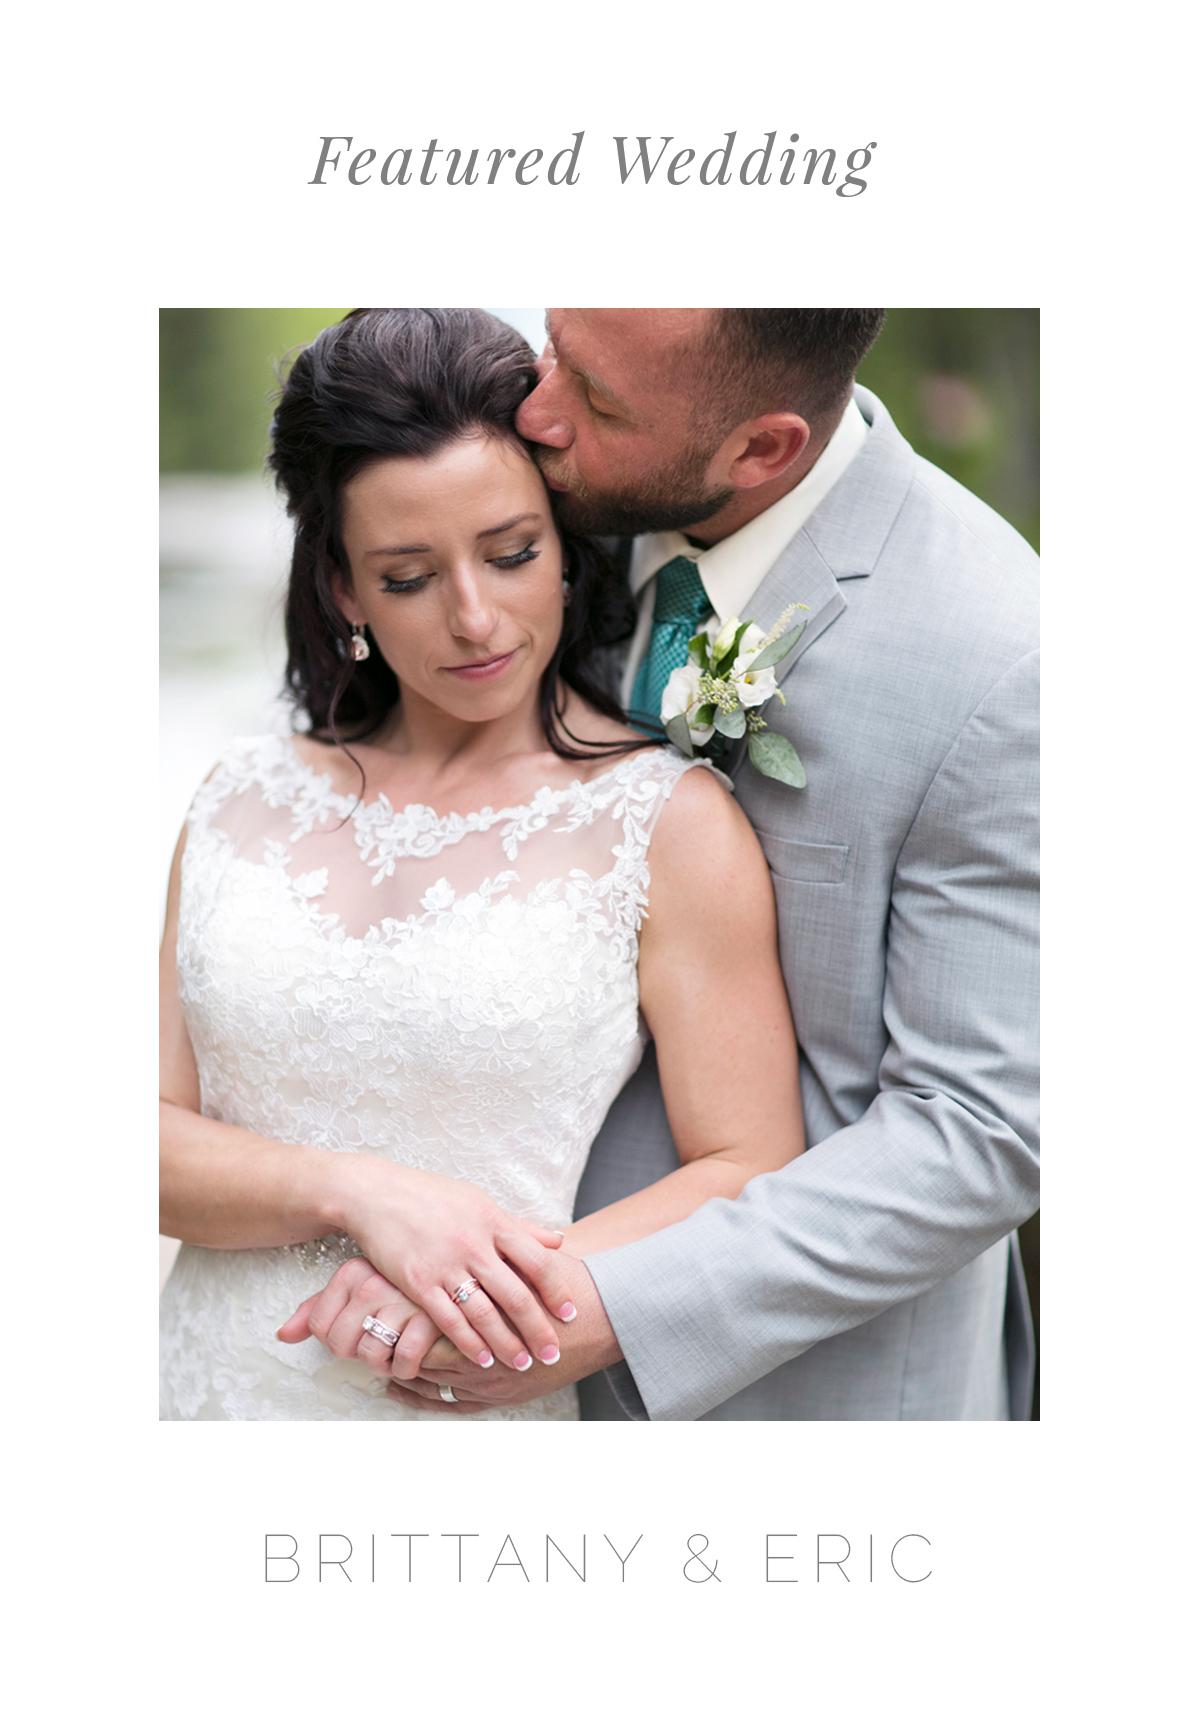 featured wedding button.jpg